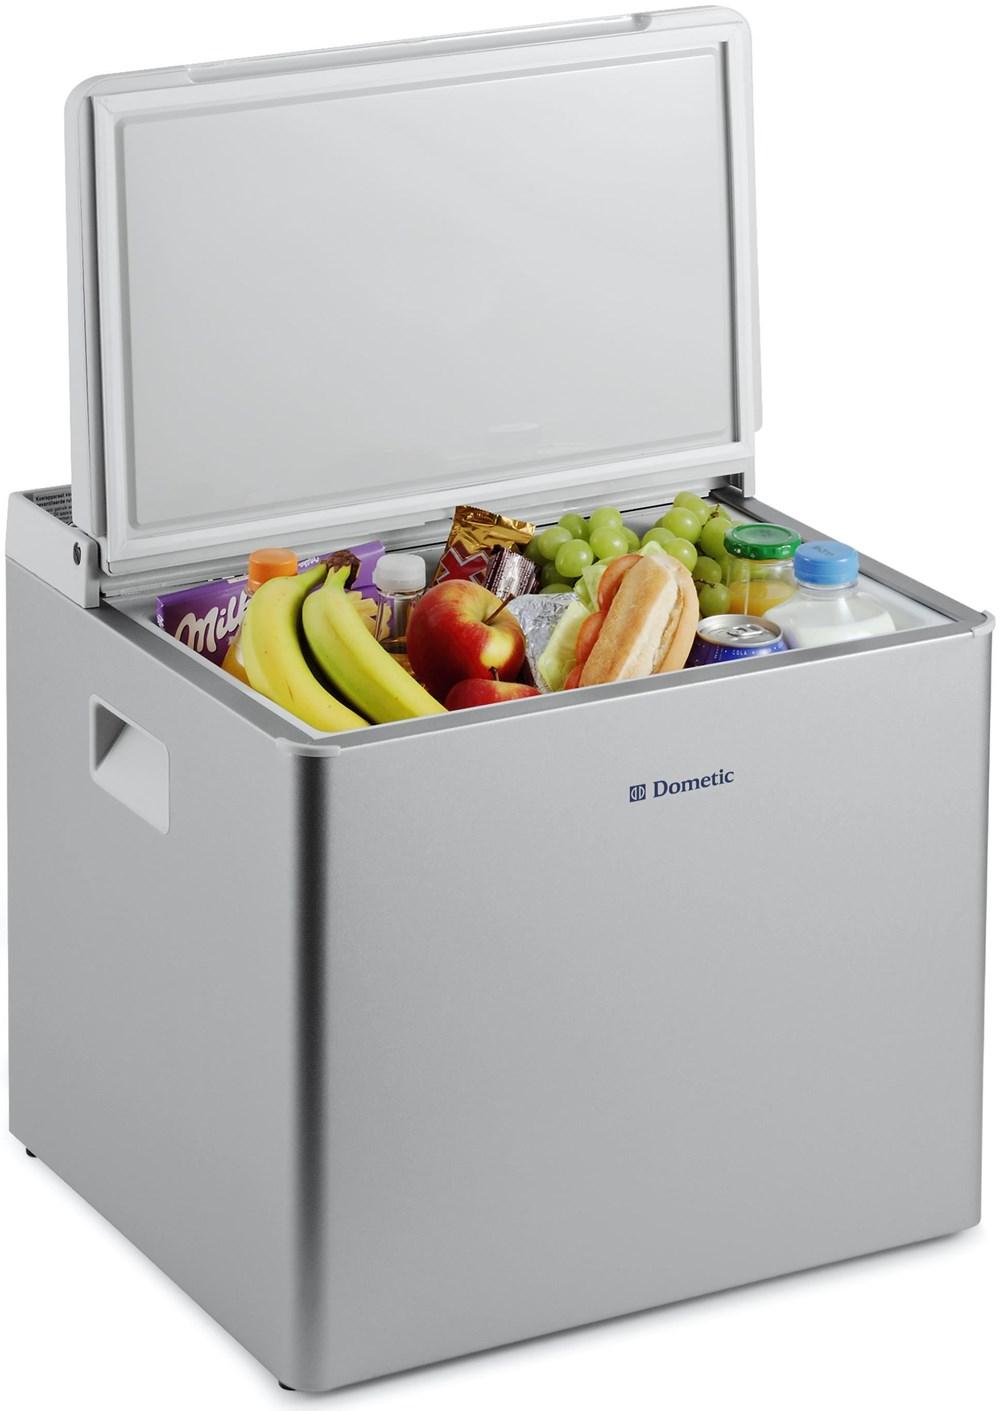 WAECO Dometic RC 1600 50mbar (Kühlbox)